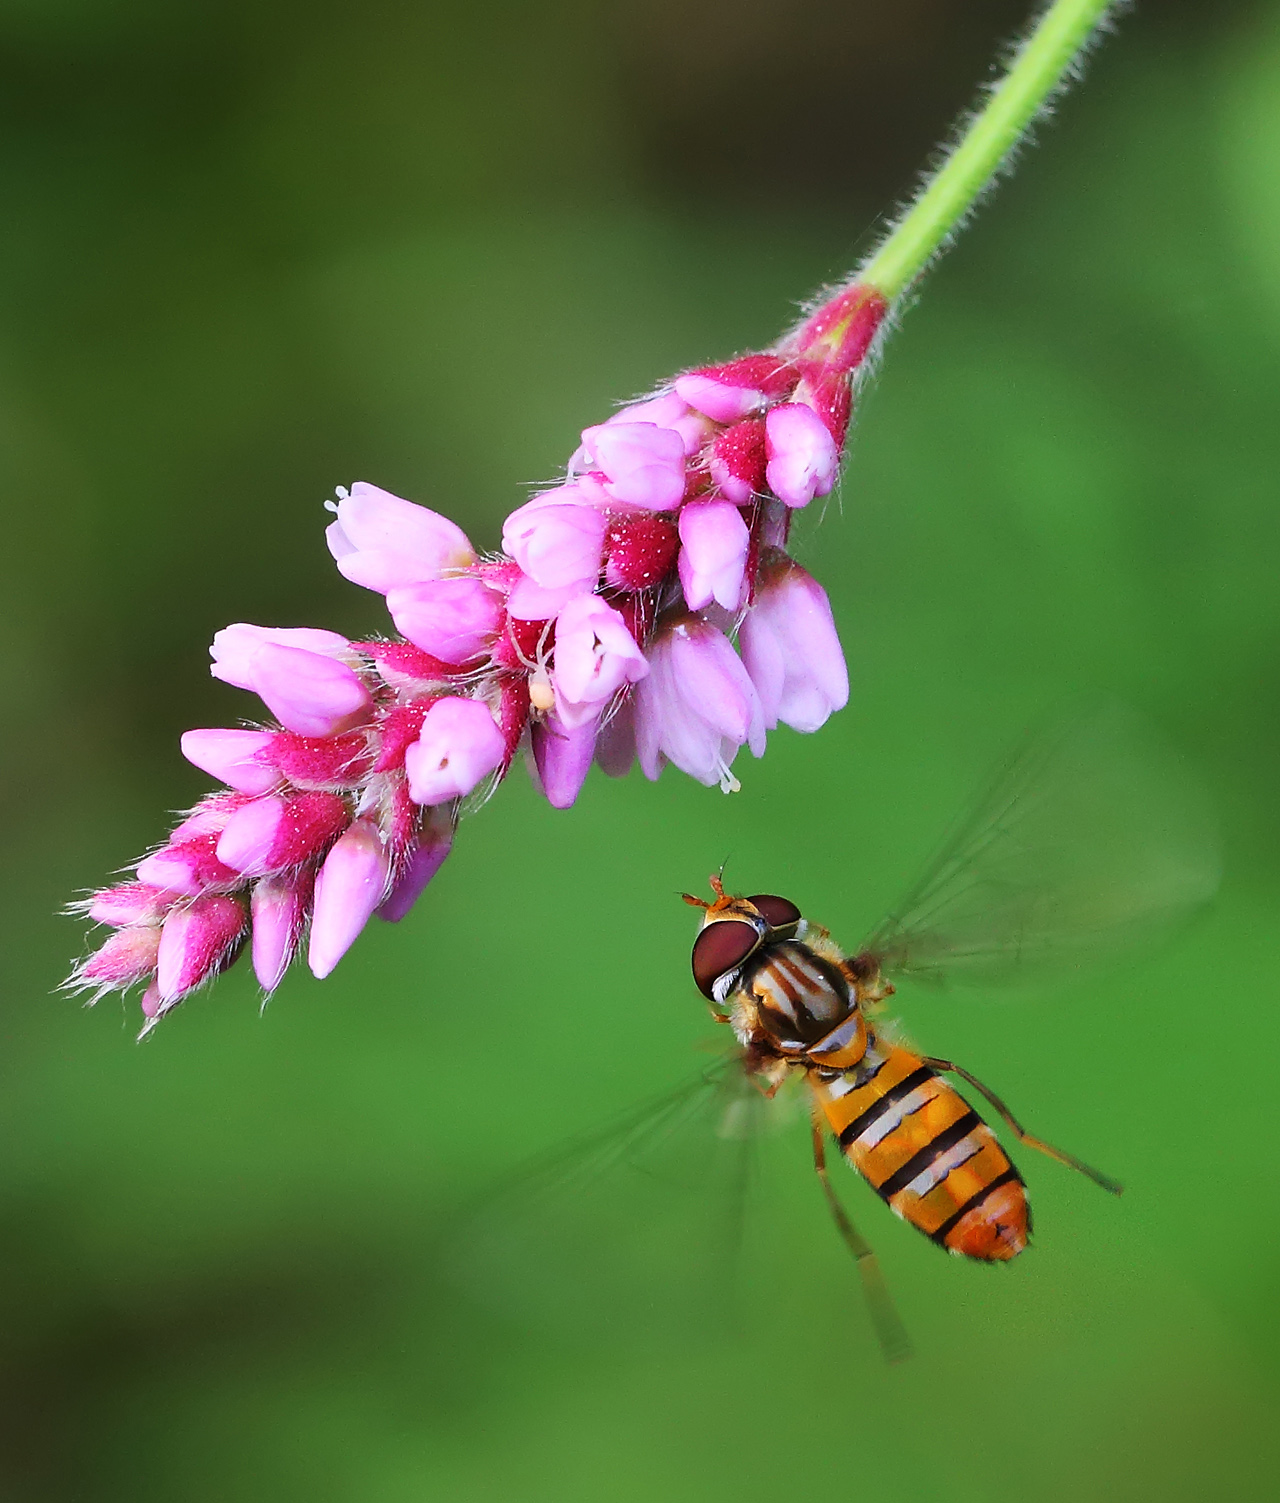 wangsadslr作品:飞舞的食蚜蝇(2)